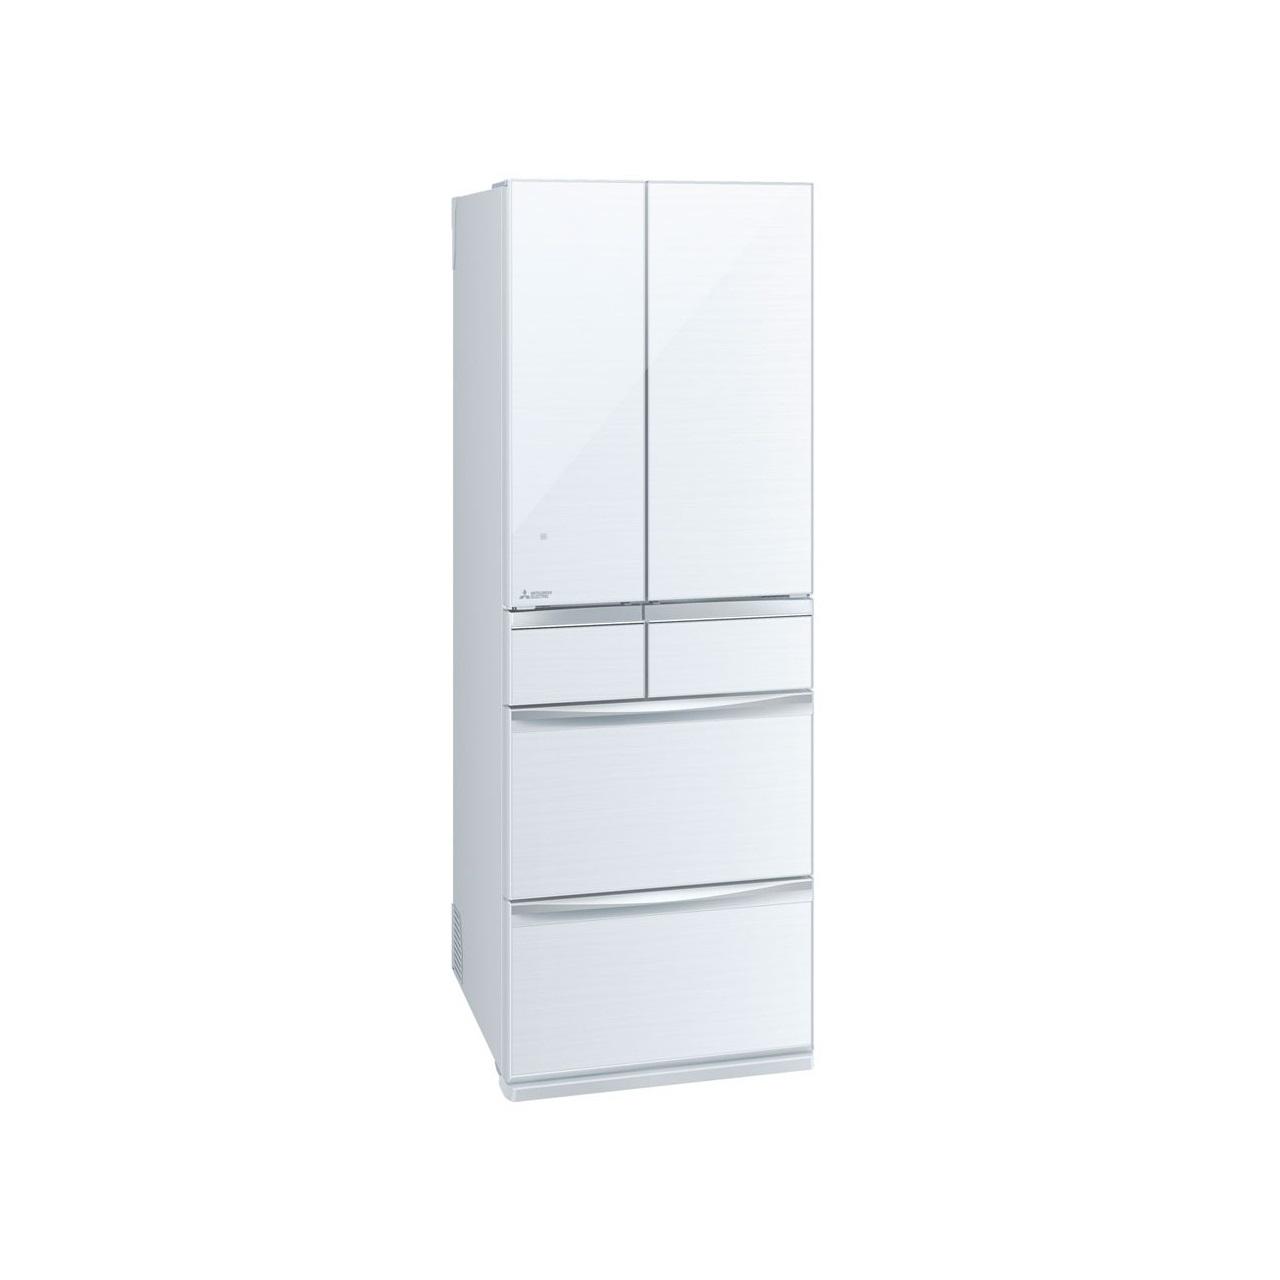 三菱MR-MX50D冷蔵庫